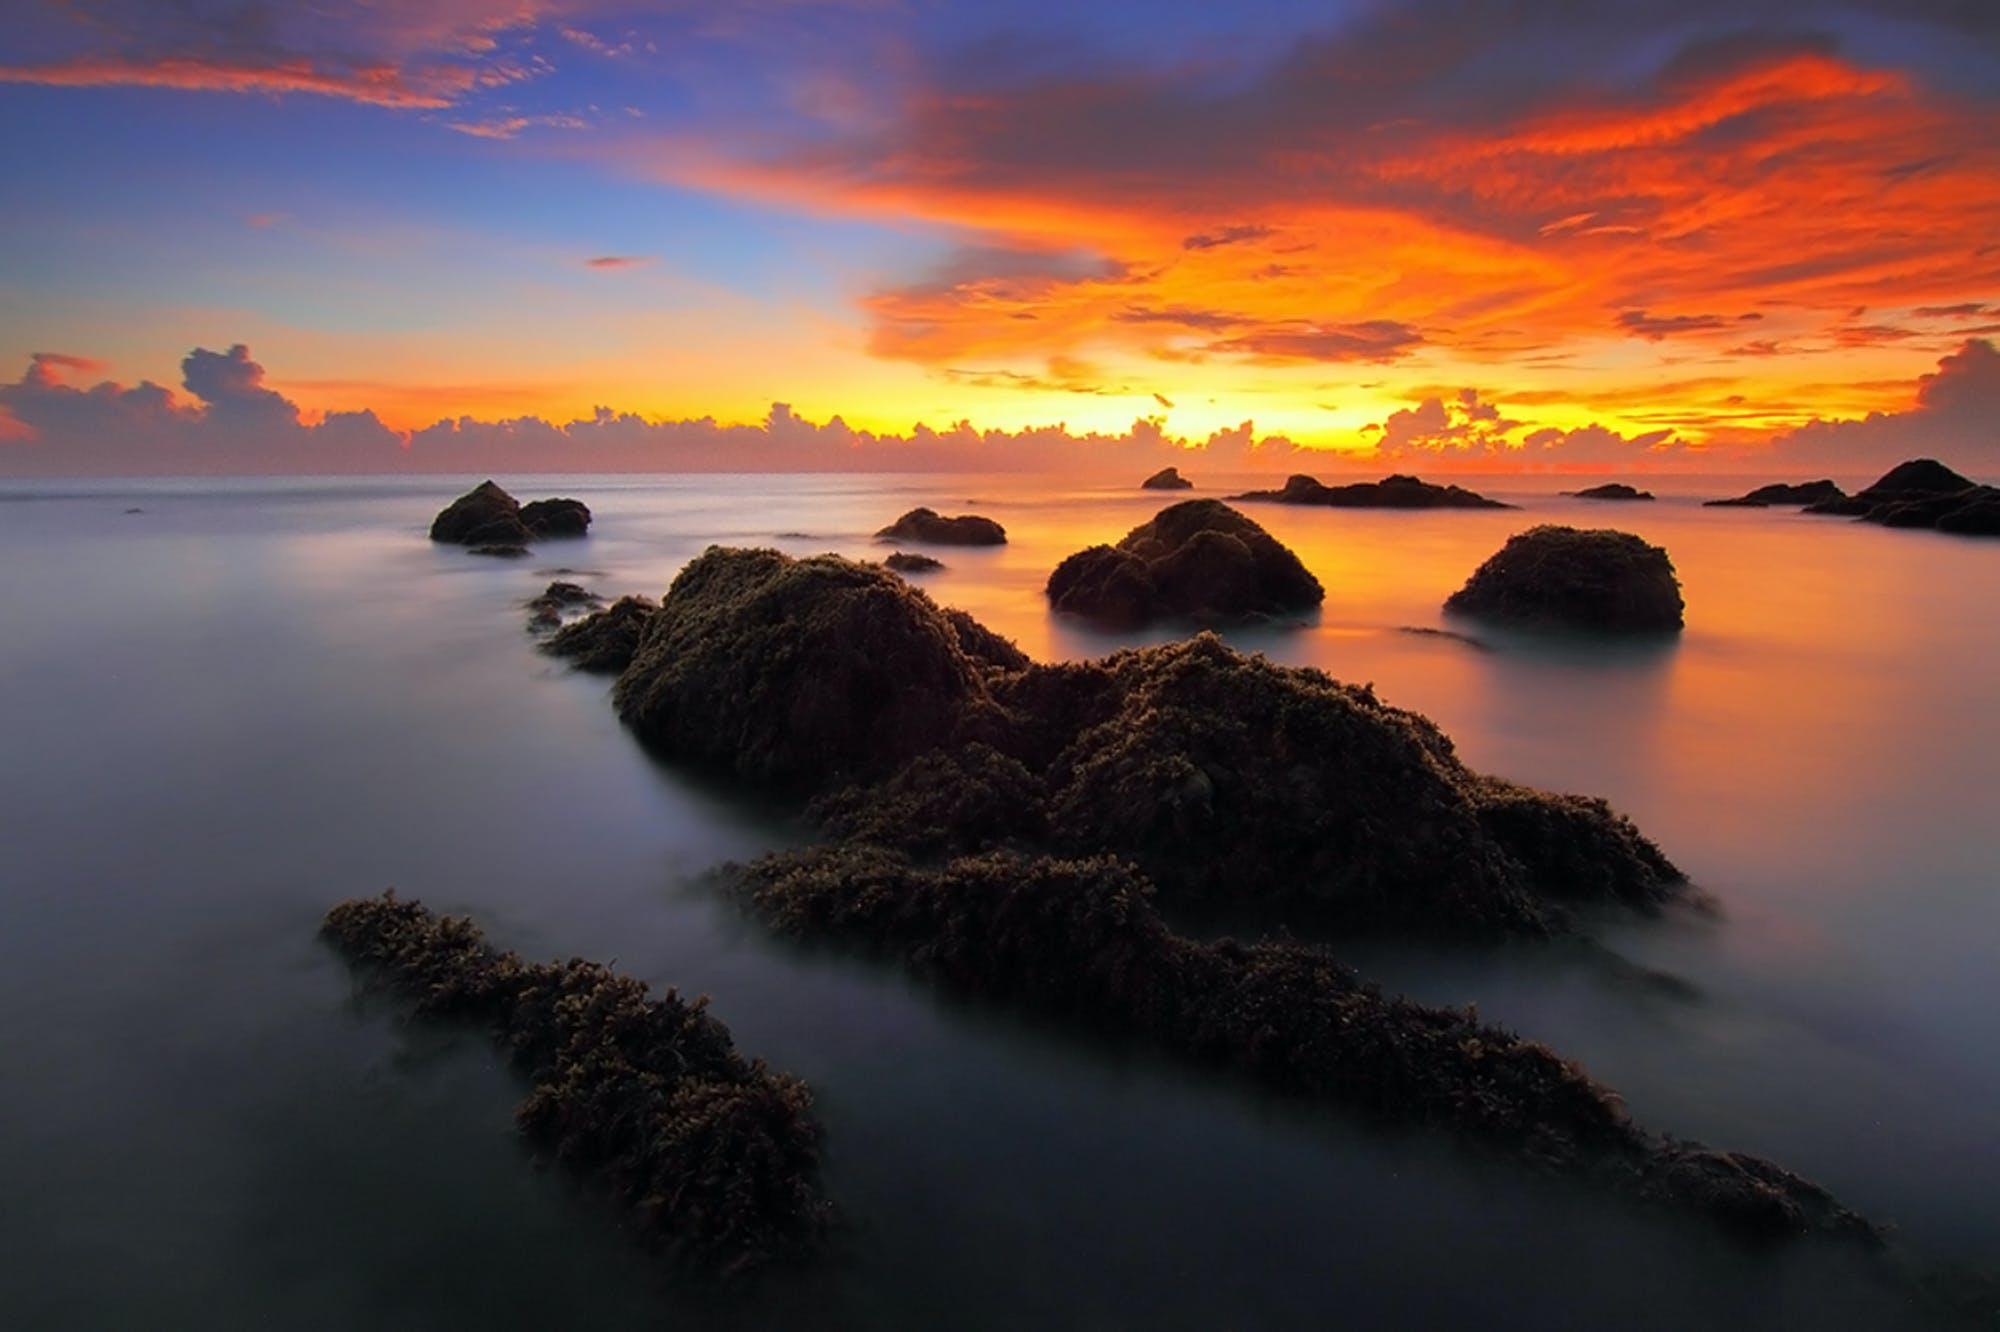 シースケープ, ビーチ, 夜明け, 日の出の無料の写真素材